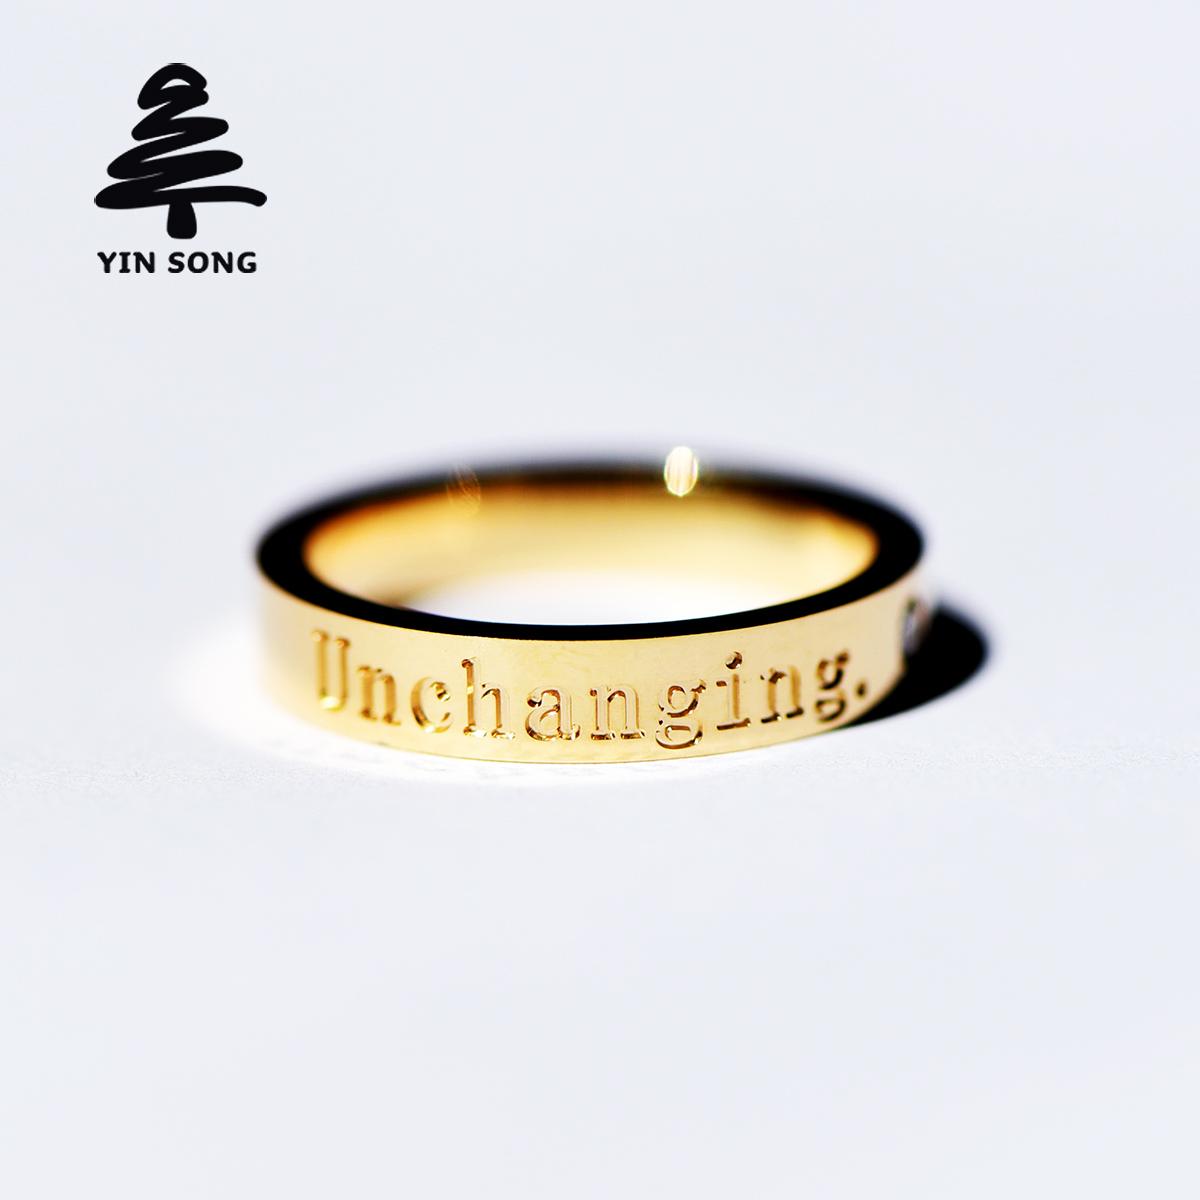 私人订制CNC字母戒指 Au750镶钻戒指18K金玫瑰金结婚男女情侣对戒